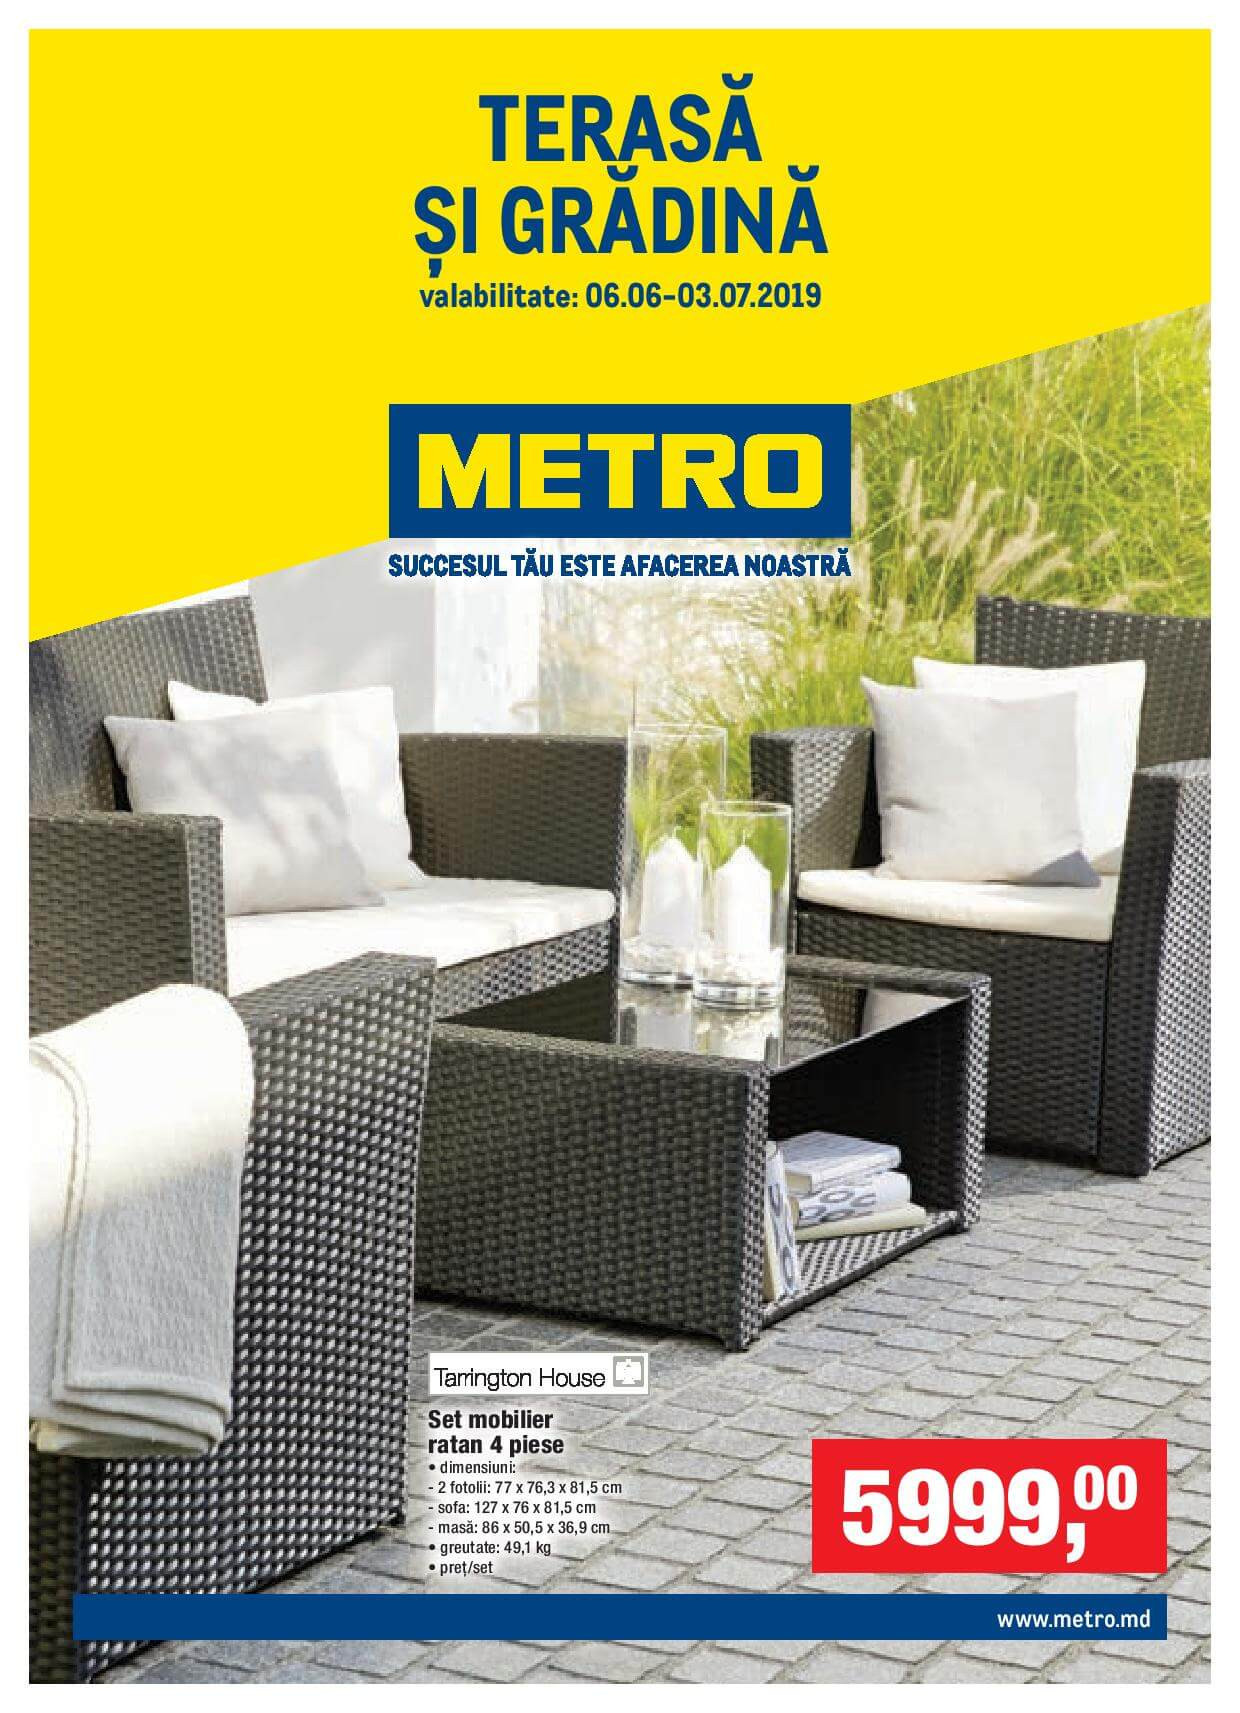 Metro Catalog Special Terasă și Grădină Nr 12